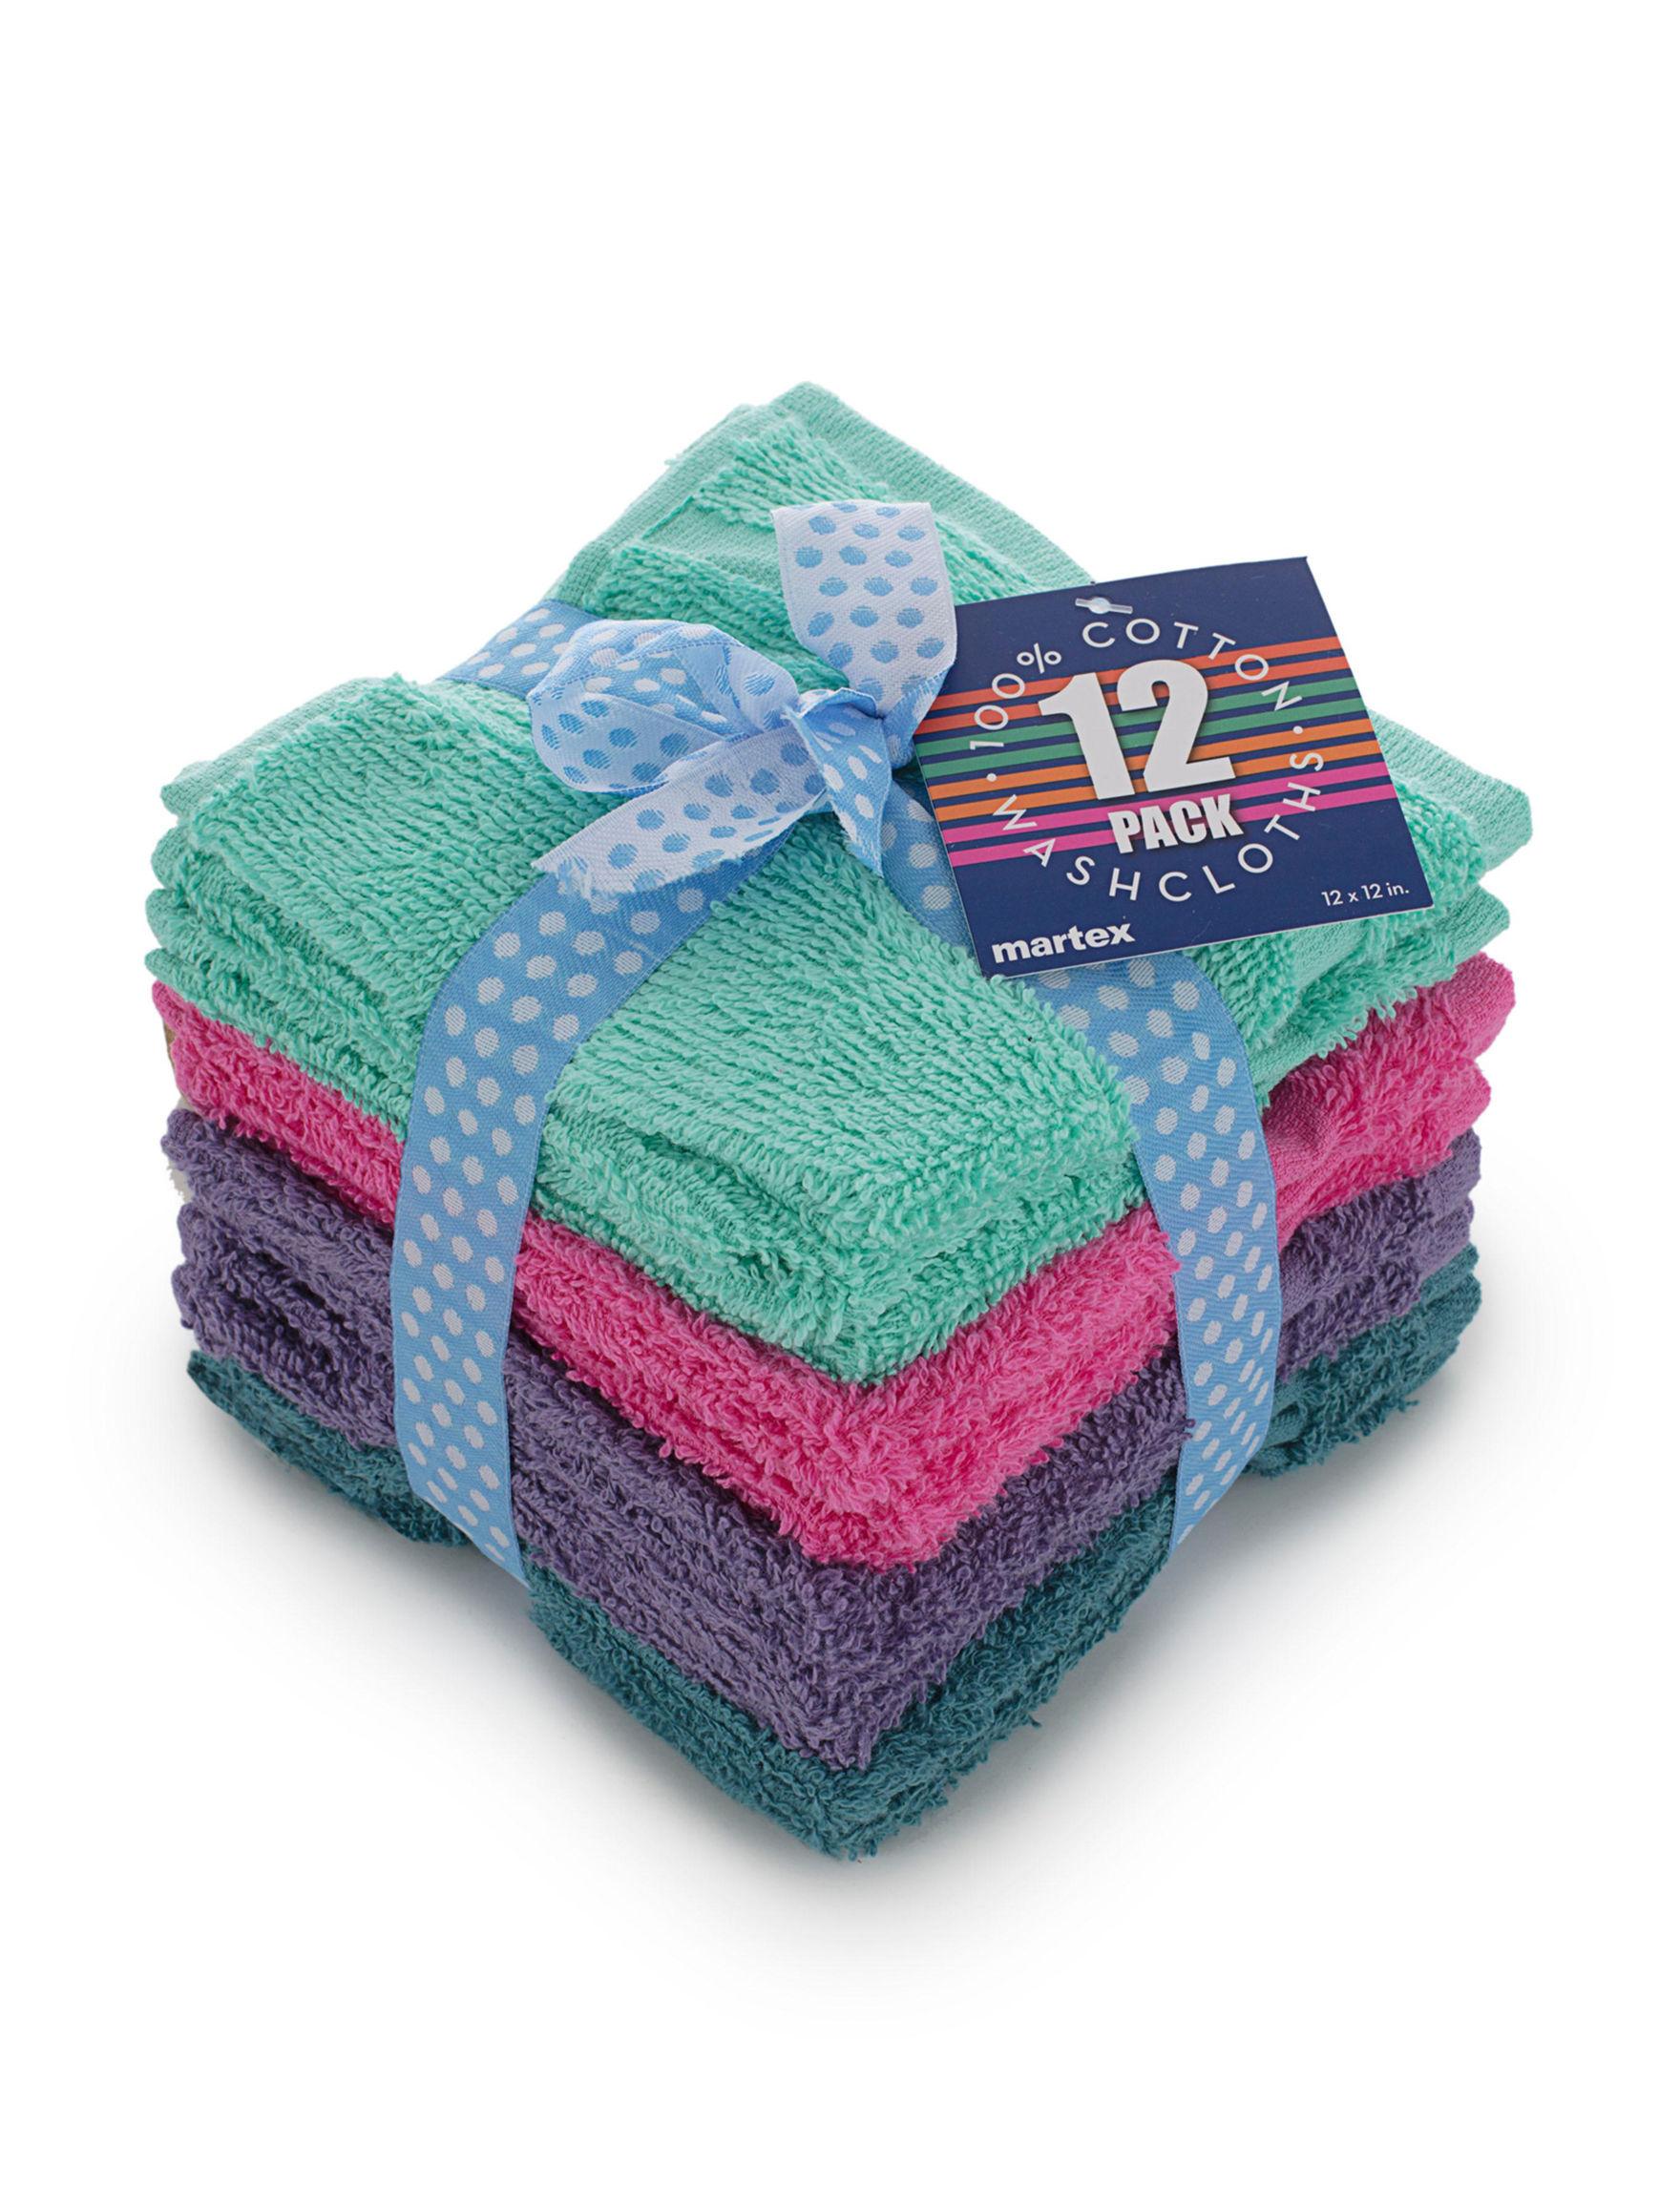 Martex Green / Multi Washcloths Towels